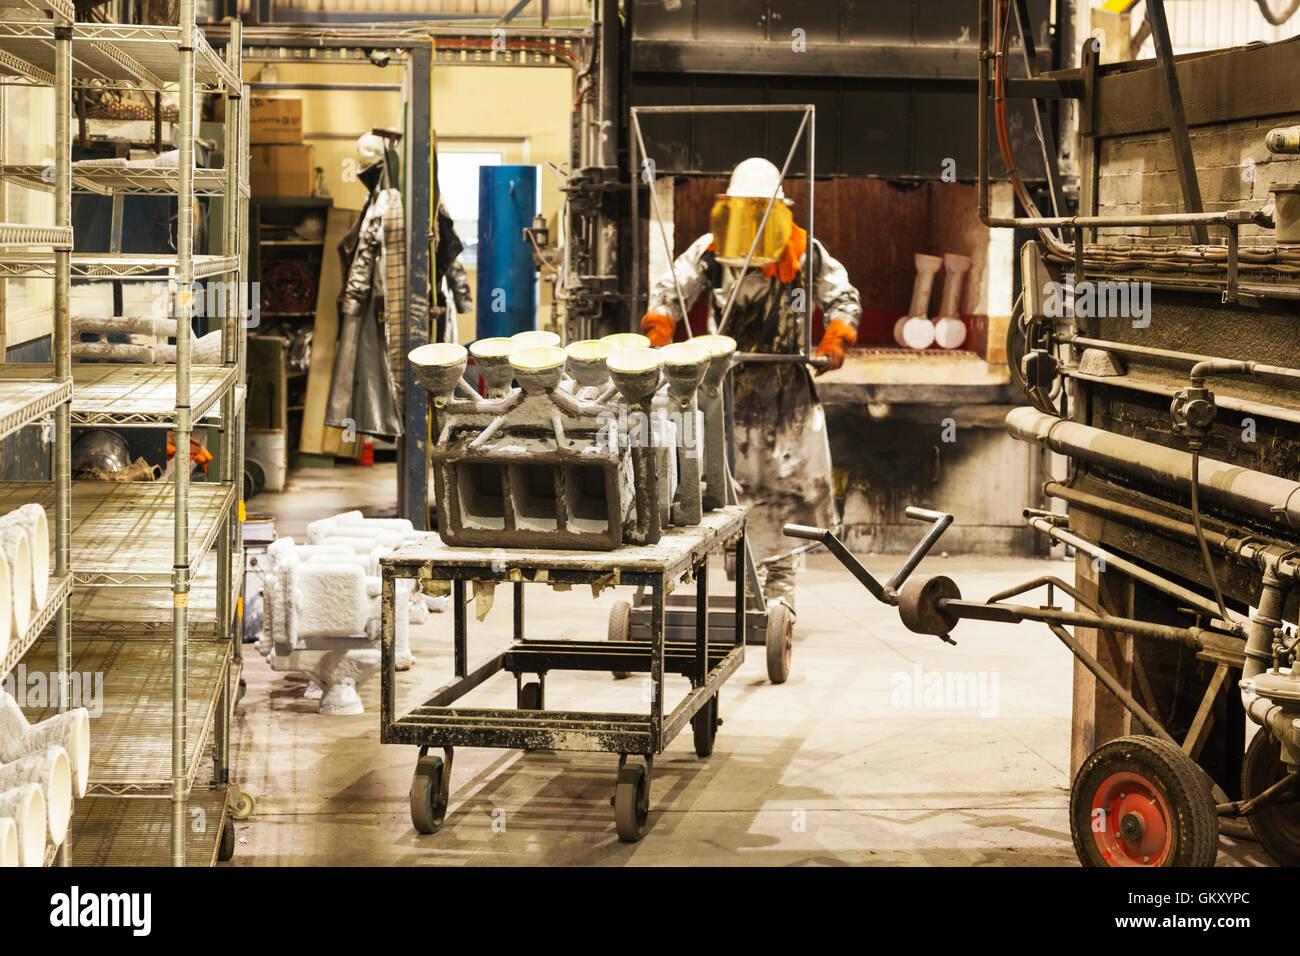 La sécurité des travailleurs de porter la coupe, le meulage des pièces métalliques pour transformation Photo Stock